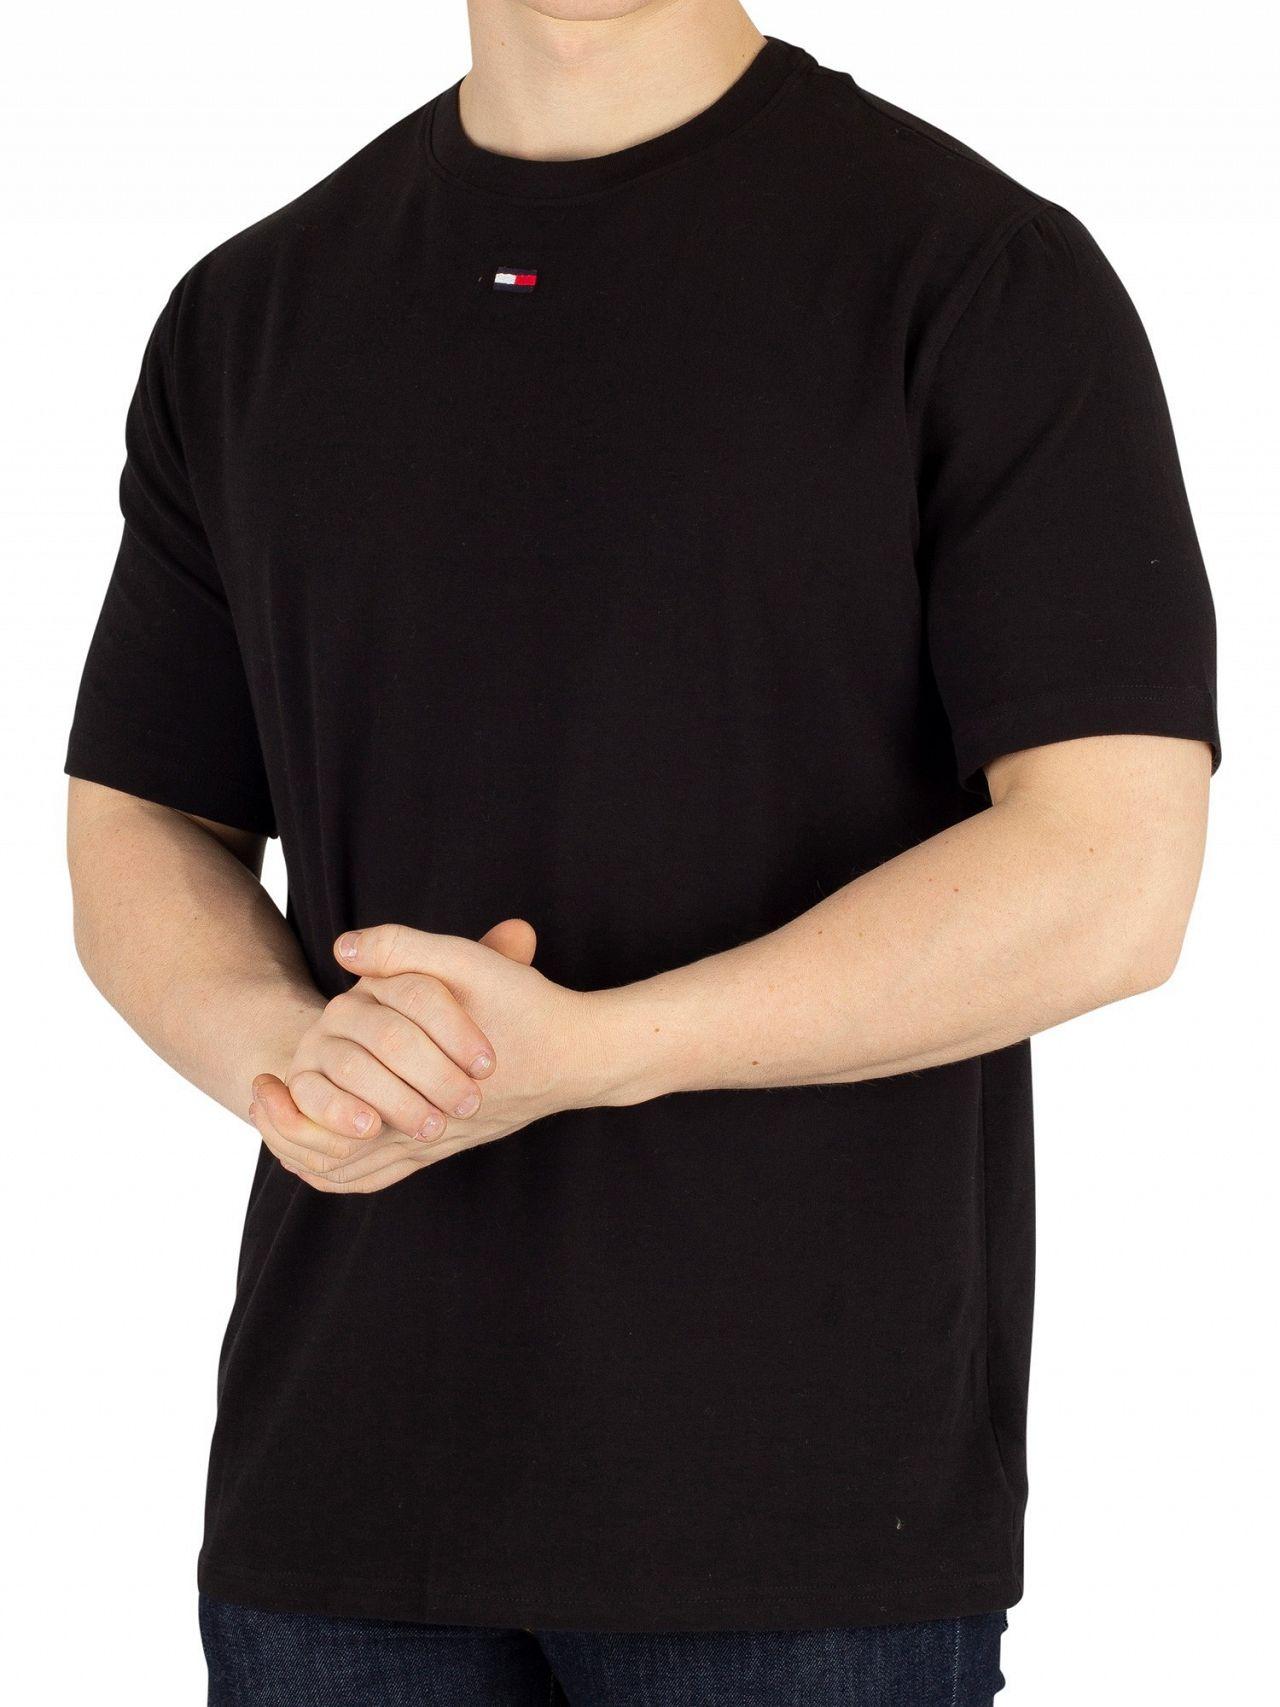 d46ce720 Tommy Hilfiger Black Middle Logo T-Shirt | Standout